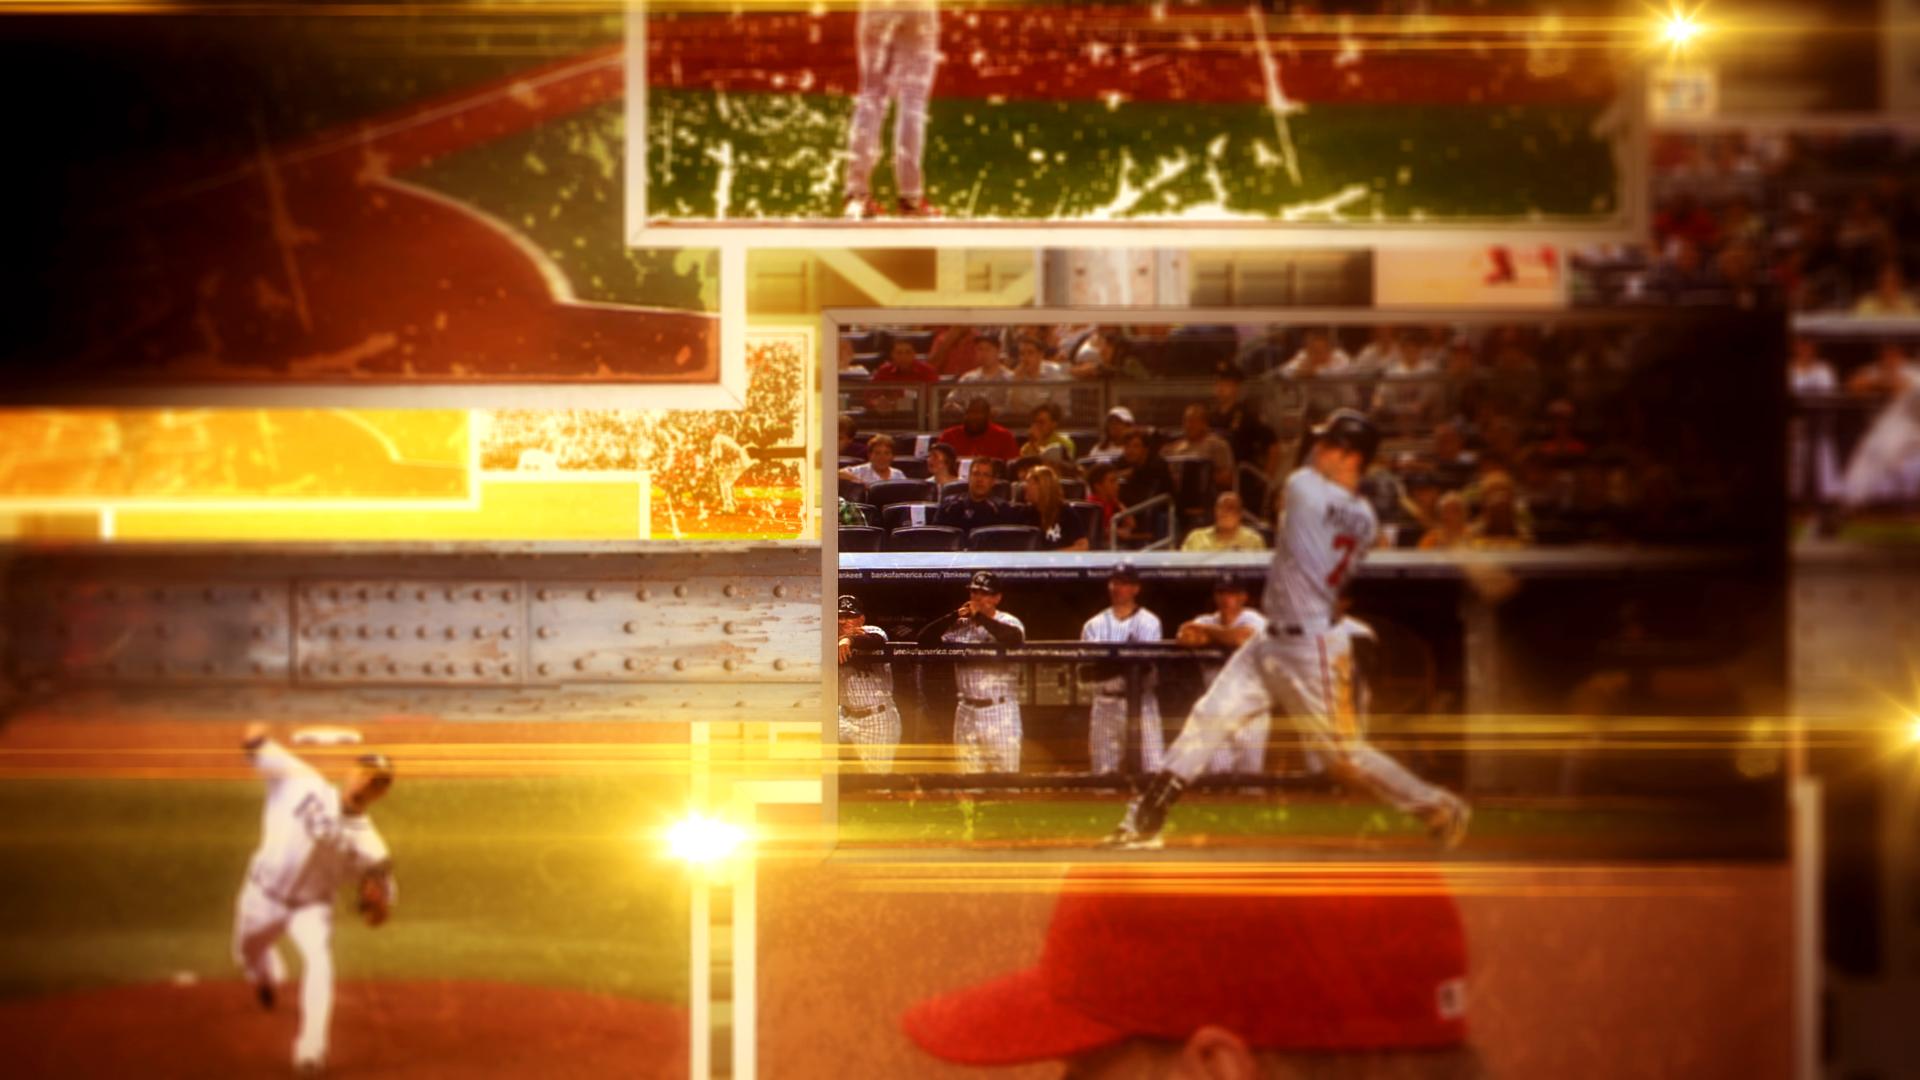 MLB_WDTG_Frame_09_01.jpg